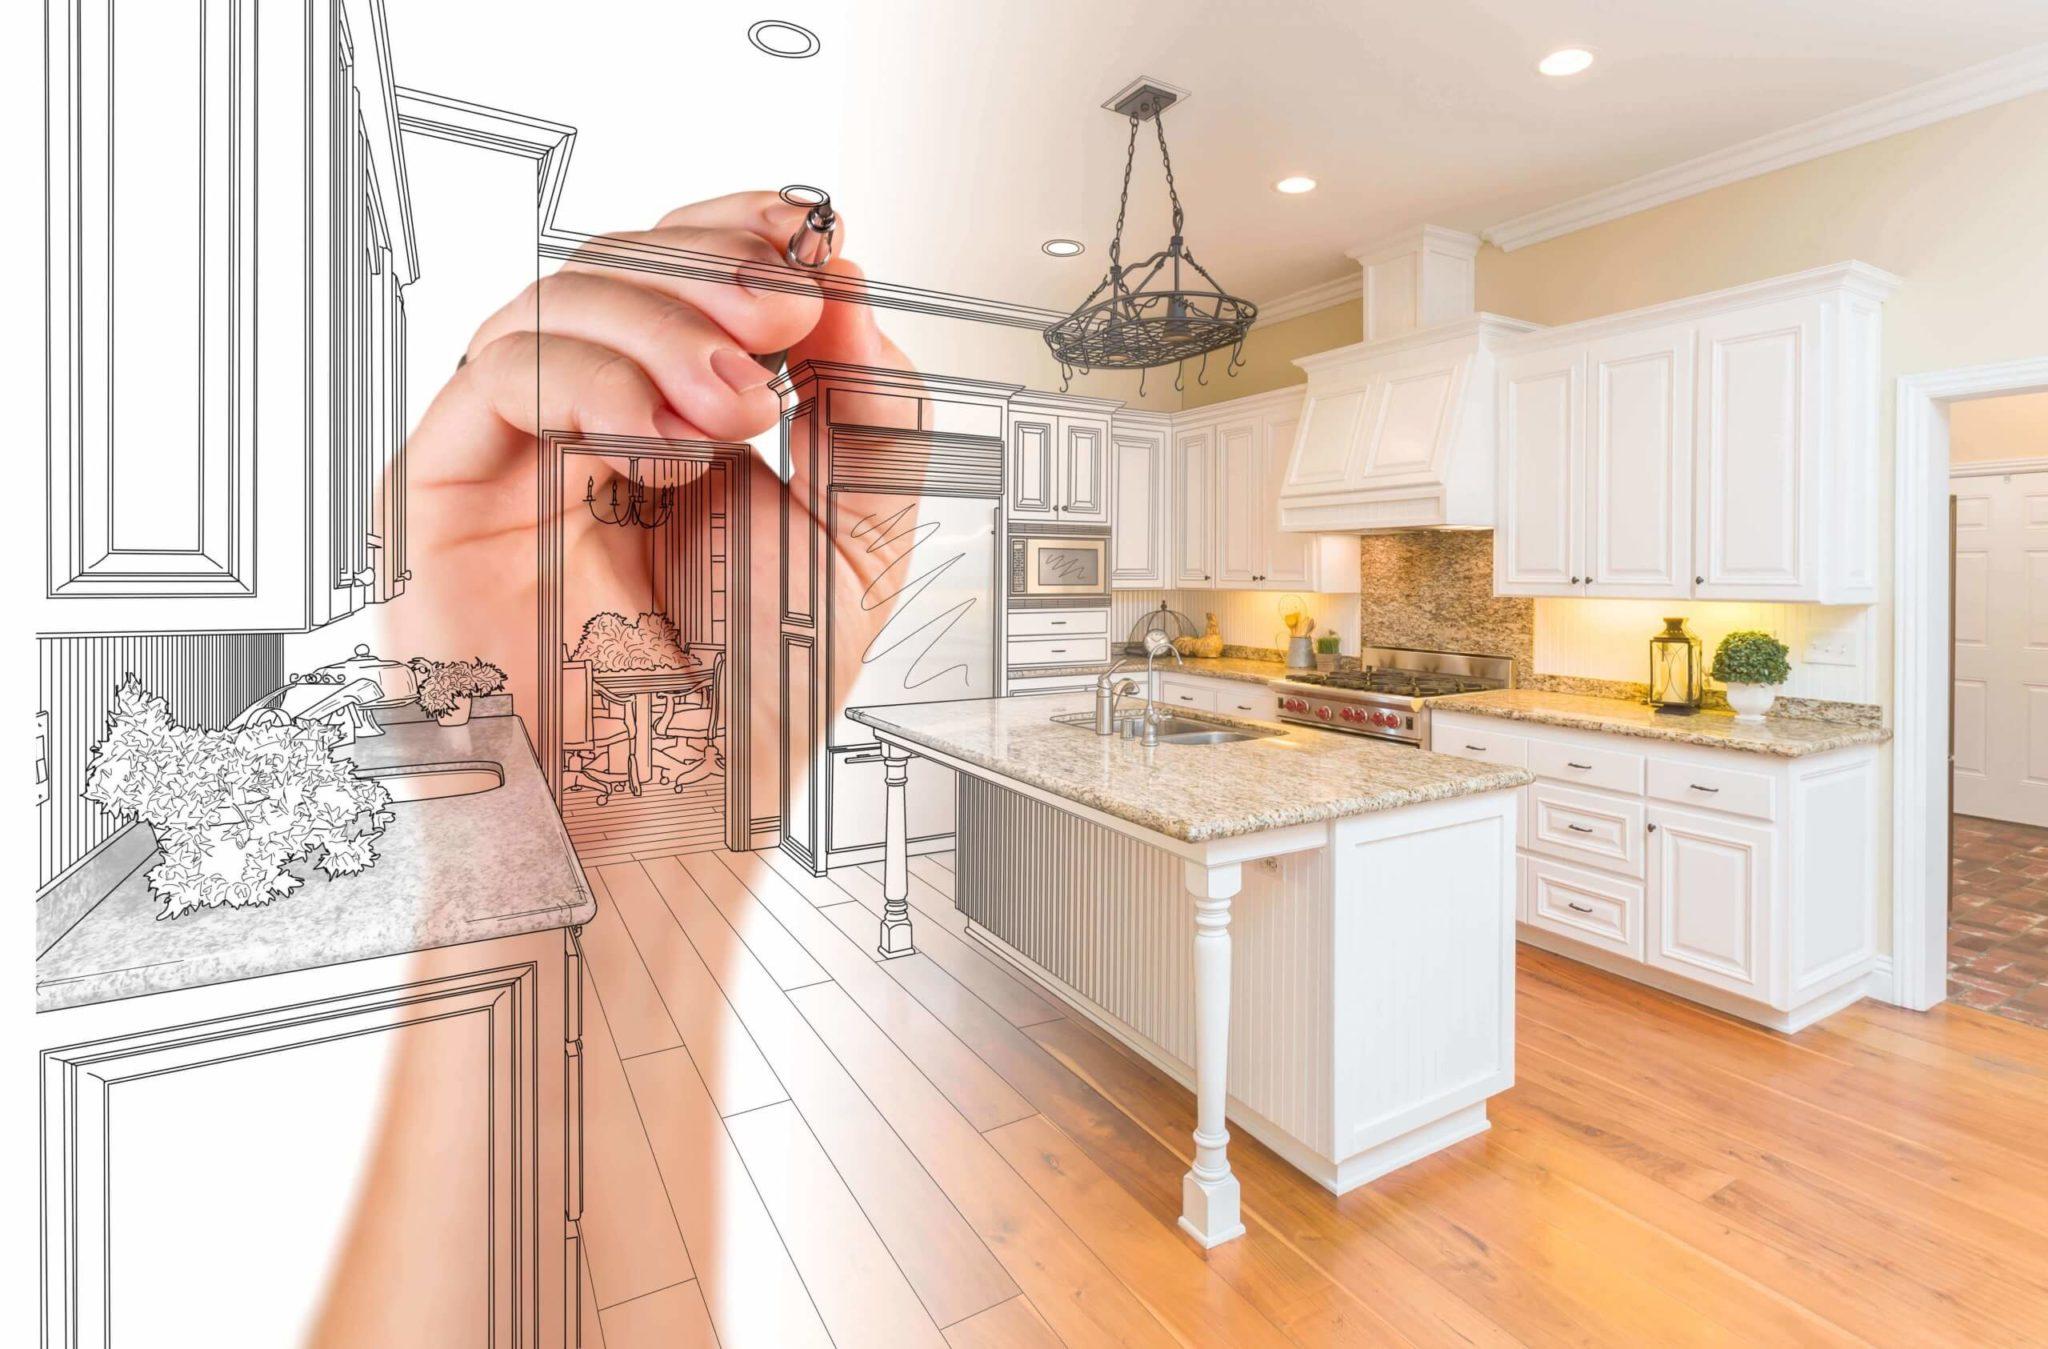 Diseñando mejoras para mi cocina - Ideas para renovar tu cocina sin obras